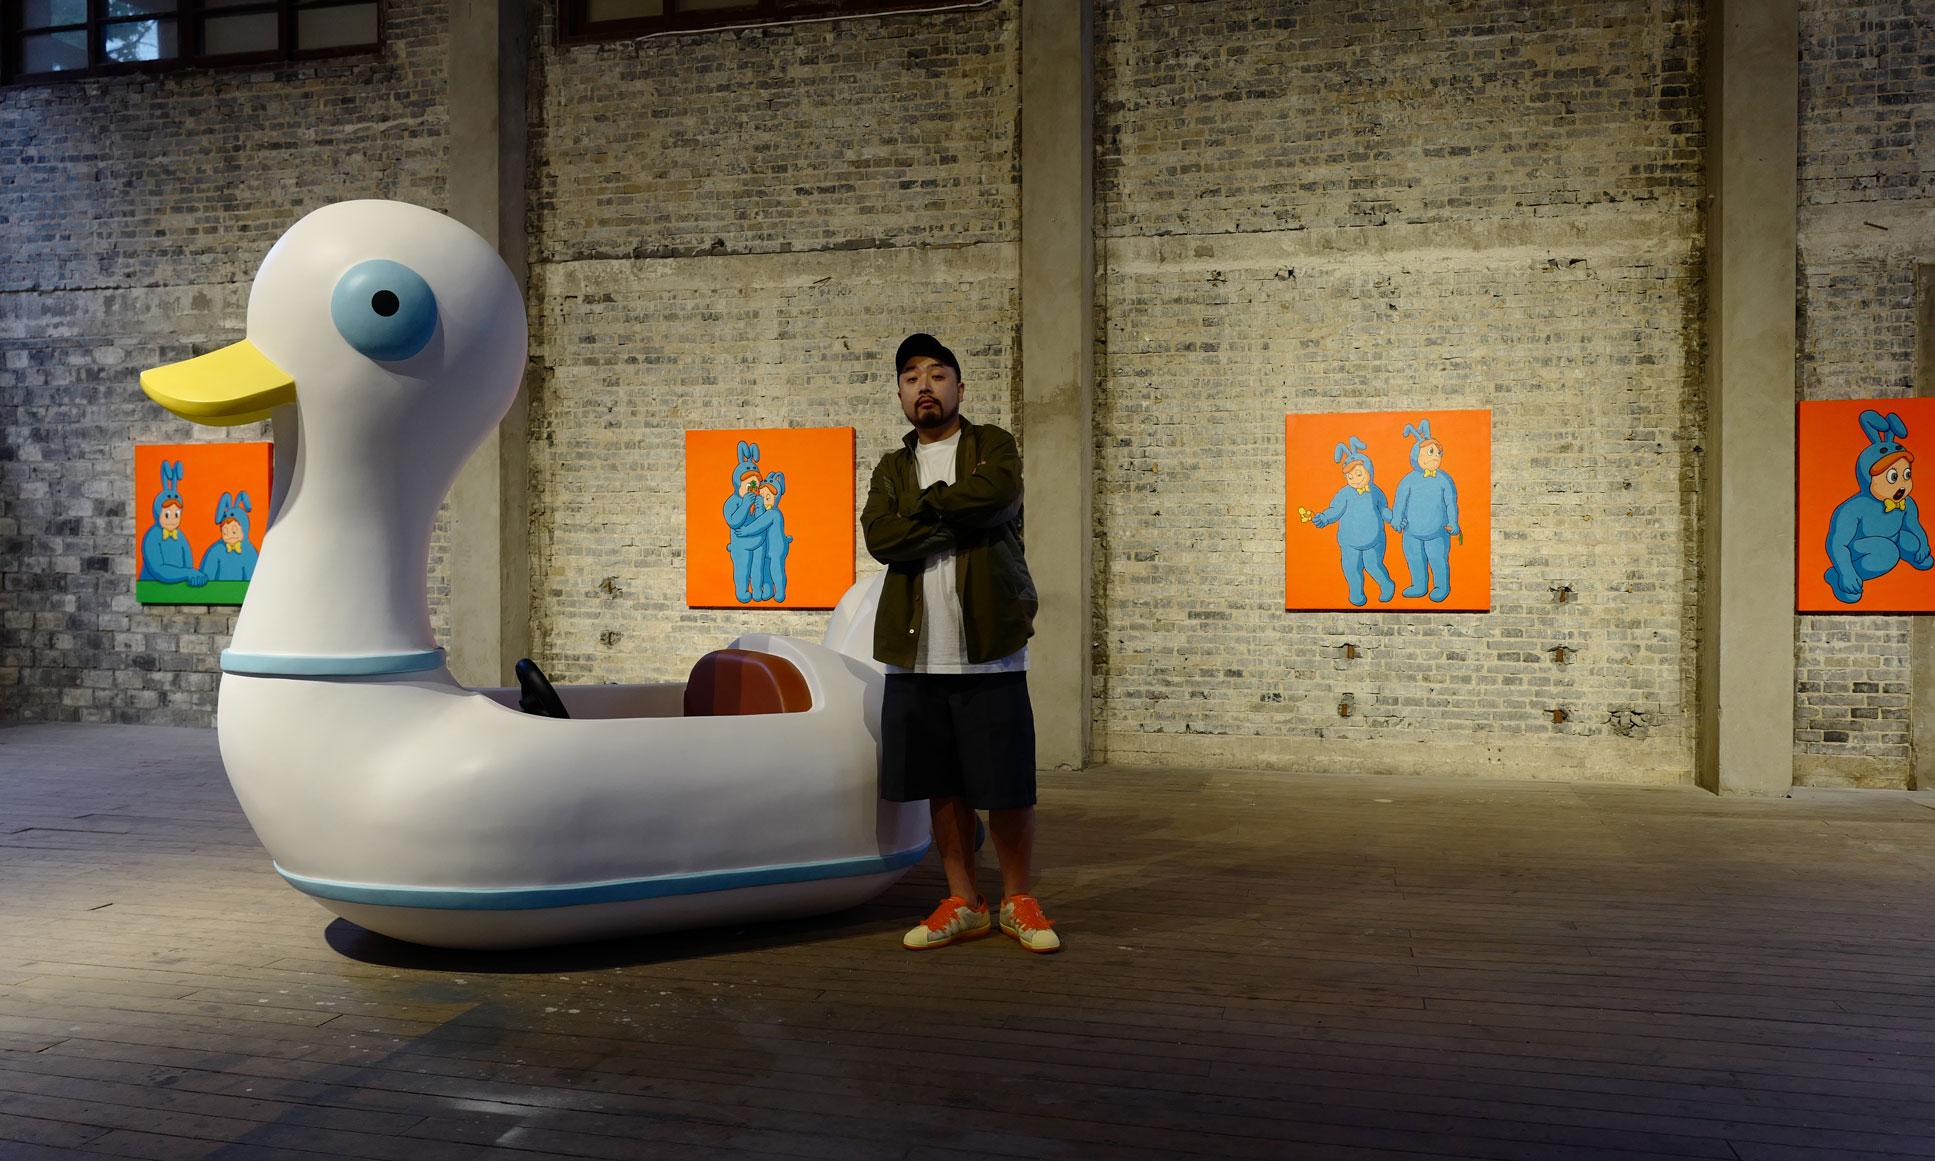 艺术家张权个人展览「郊游」正式开幕